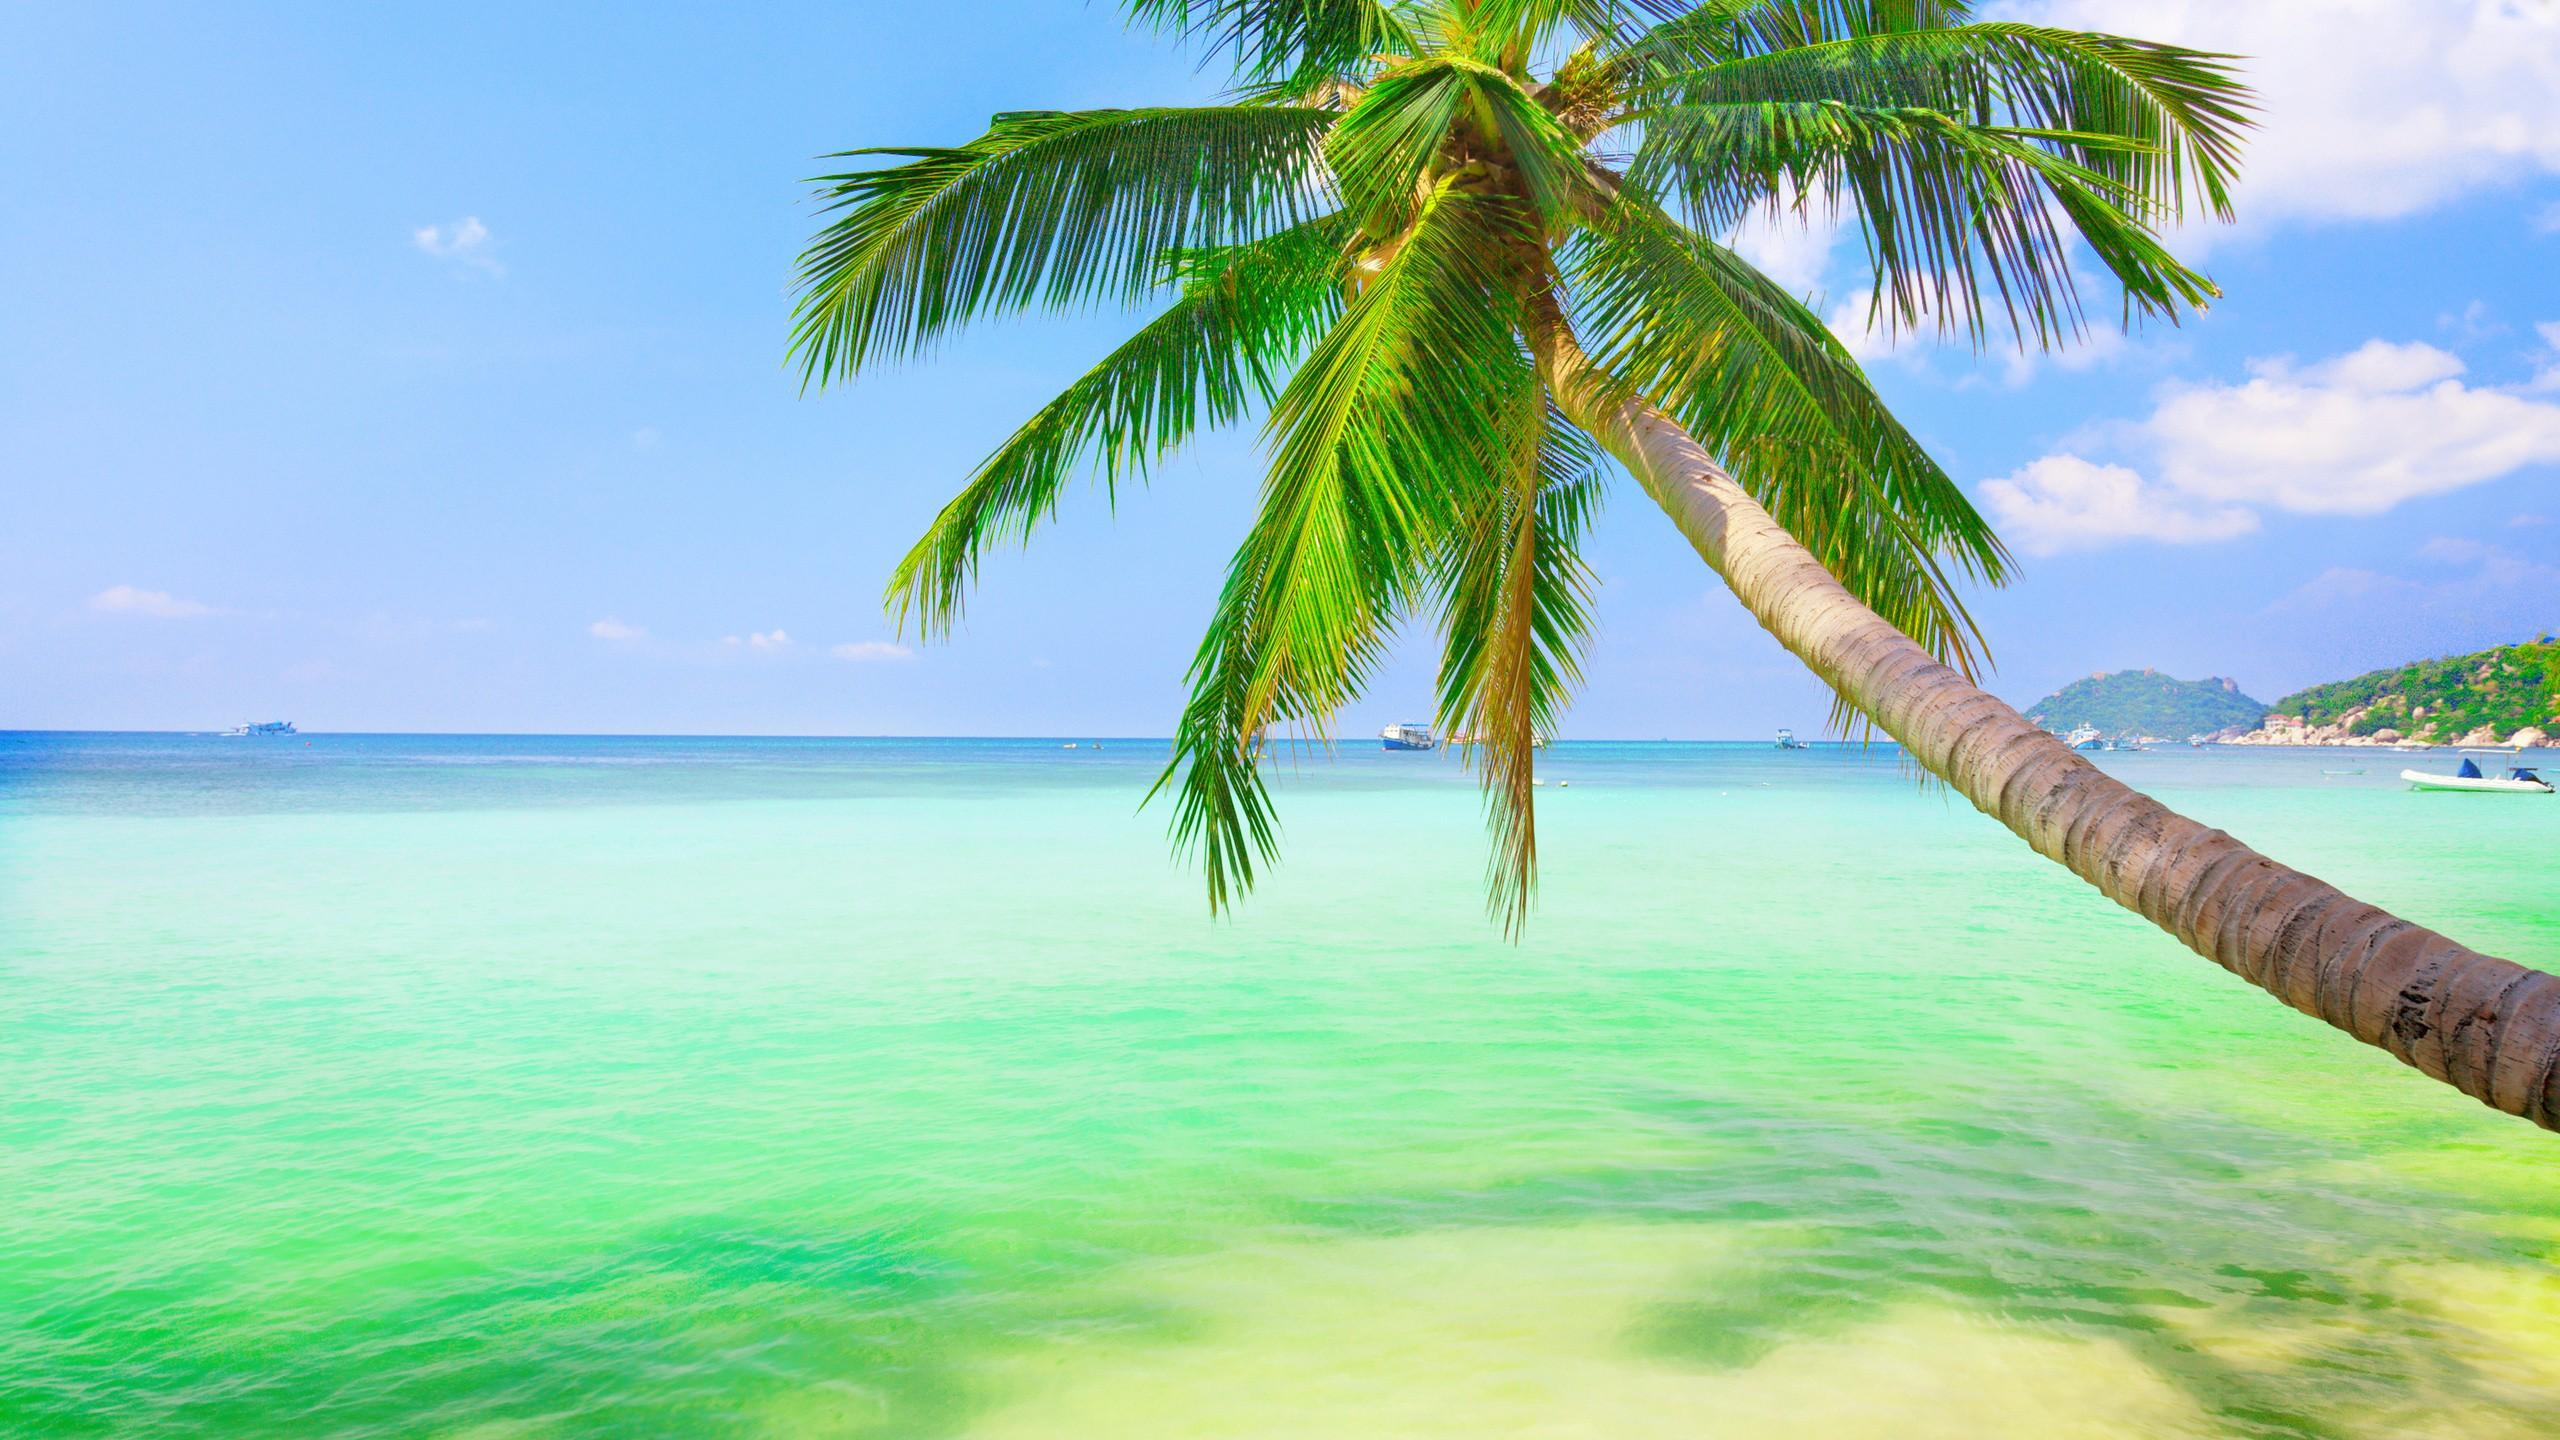 обои на рабочий стол море пальмы песок в высоком качестве № 2025 загрузить